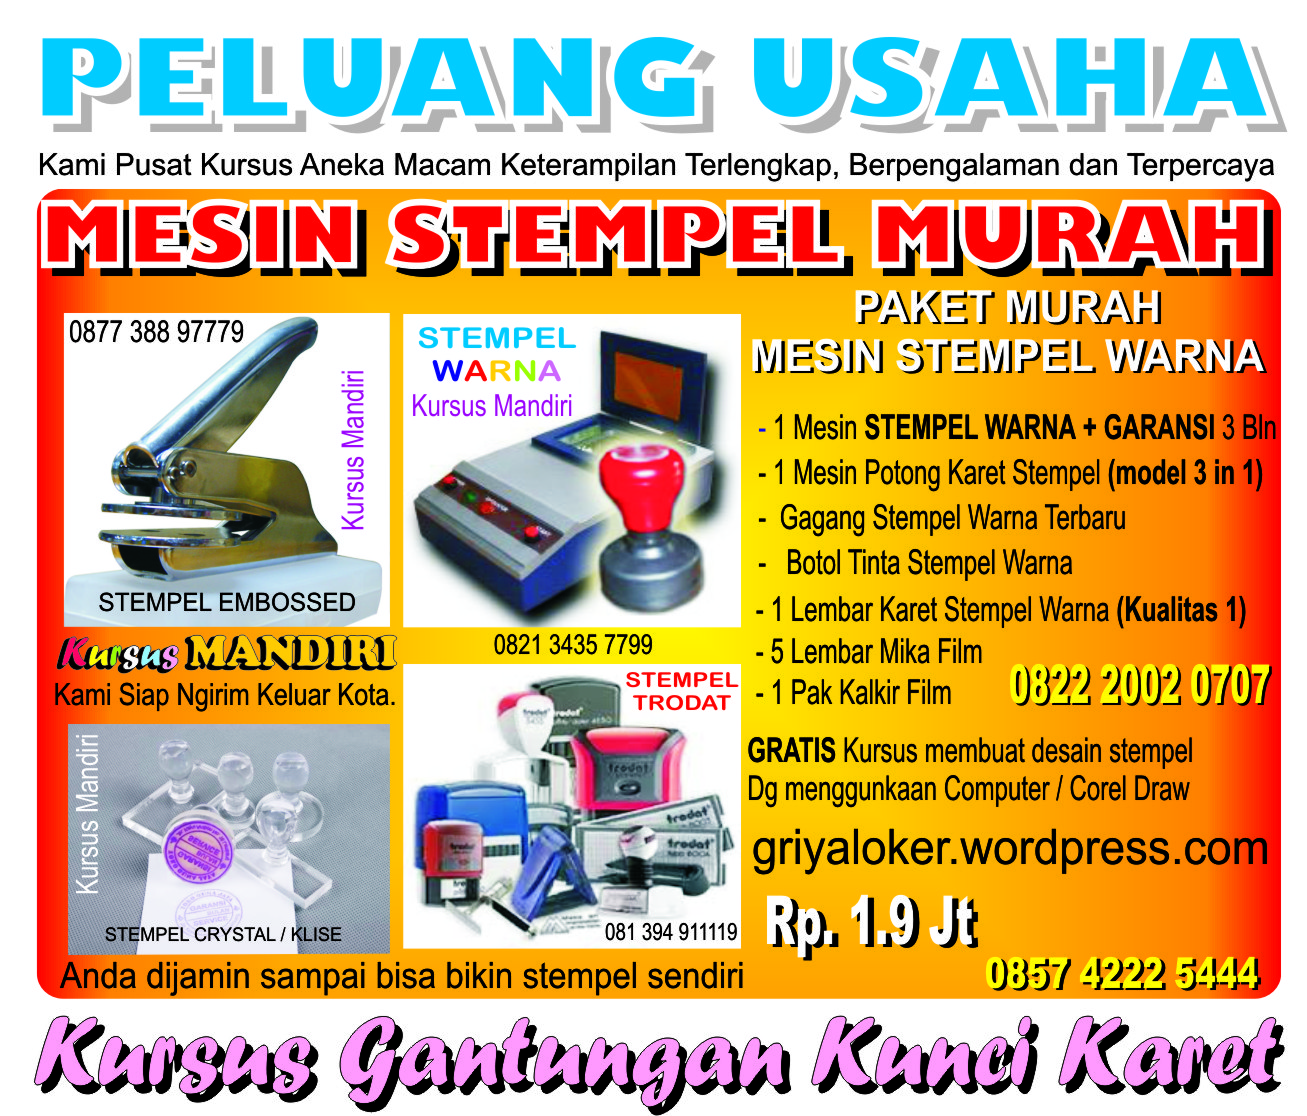 Percetakan Sablon Sparasi Digital Printing dll http